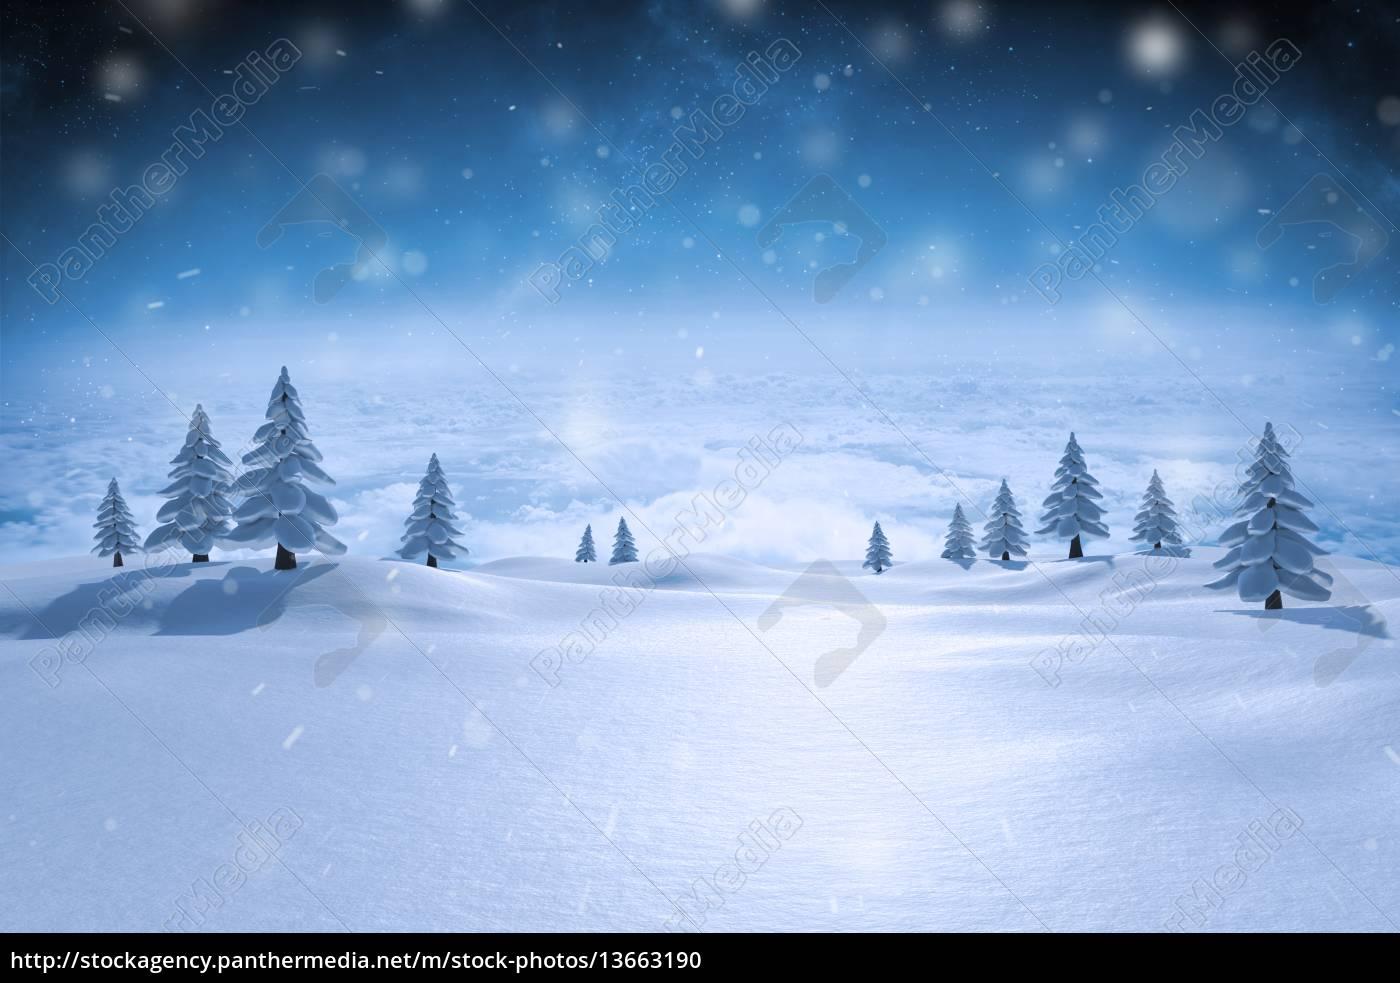 composite-bild, von, schneebedeckten, landschaft - 13663190